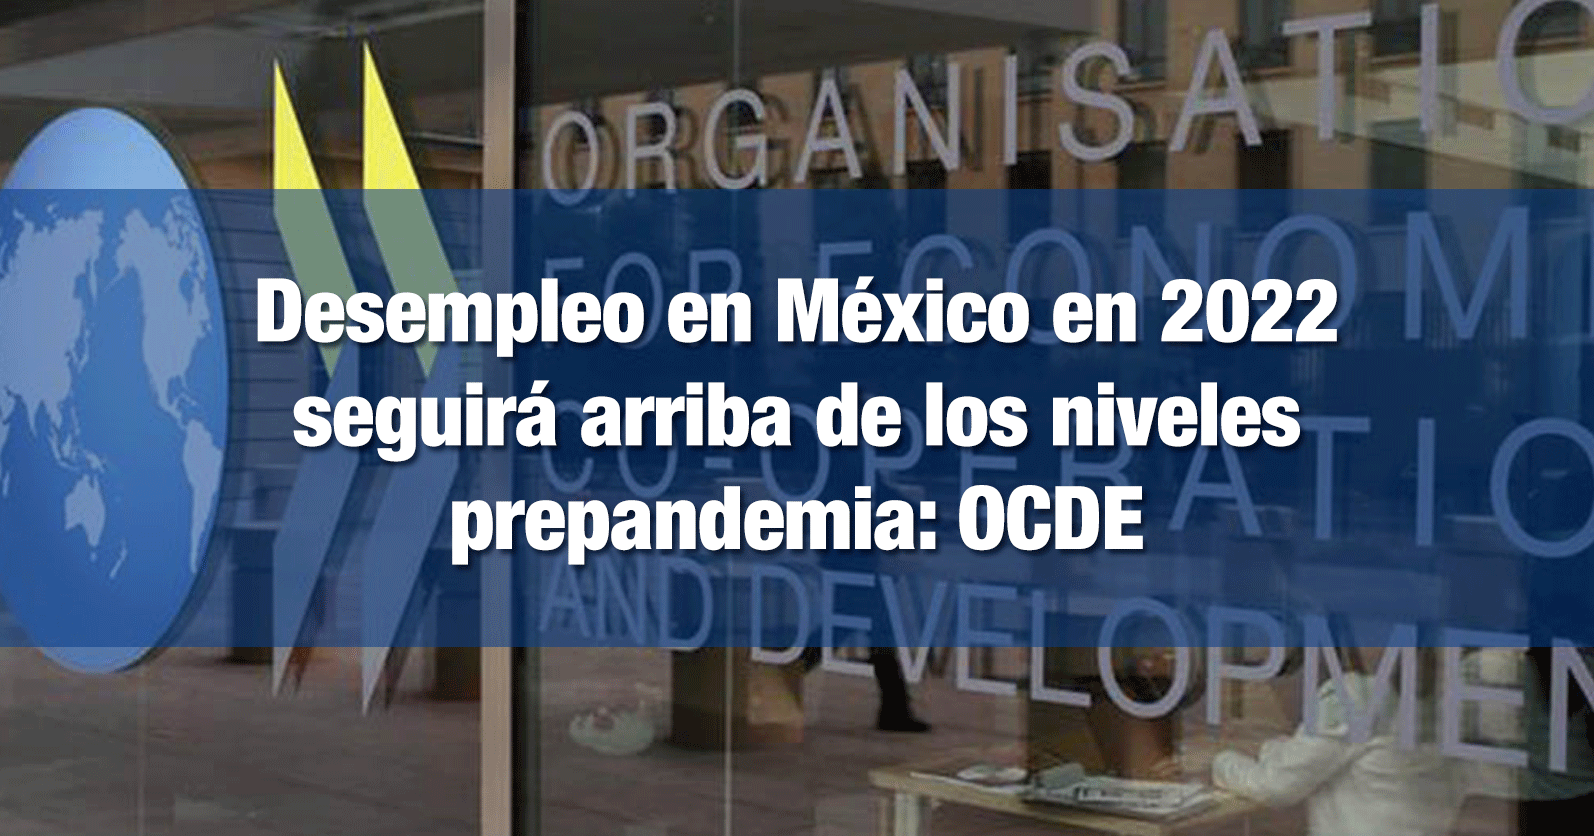 Desempleo en México en 2022 seguirá arriba de los niveles prepandemia: OCDE